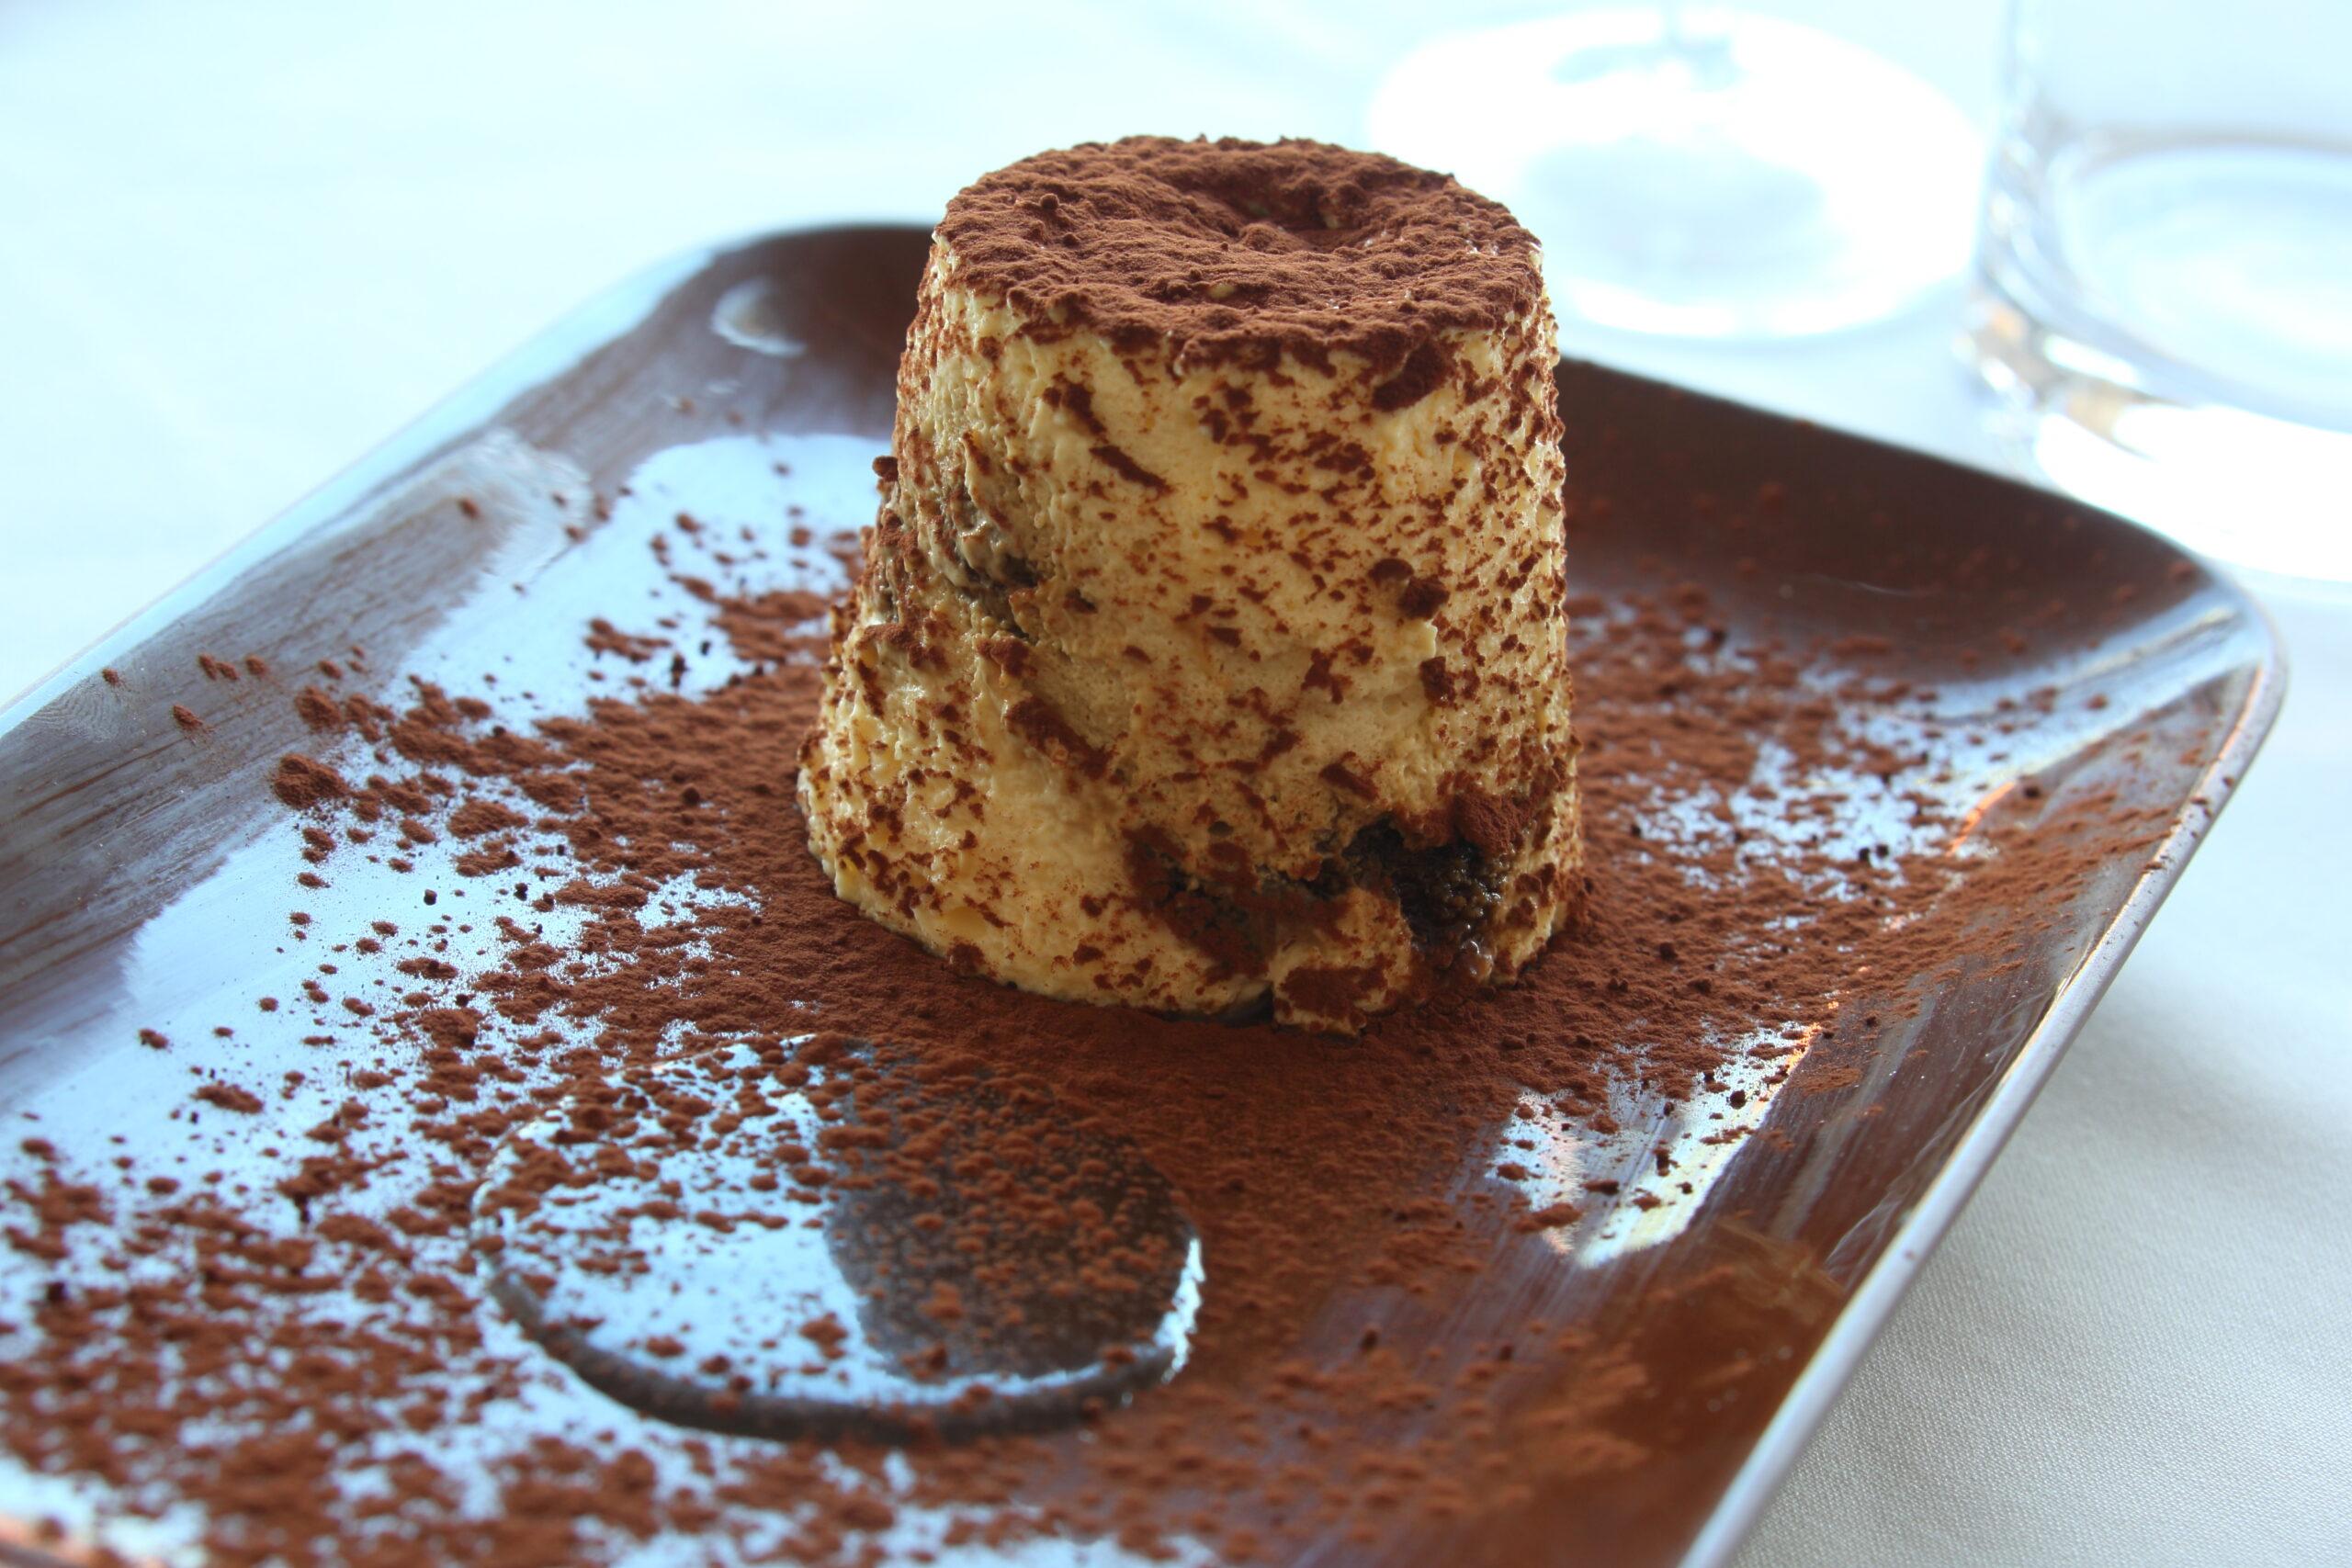 Tiramisu Traditional Italian desert with mascarpone cheese